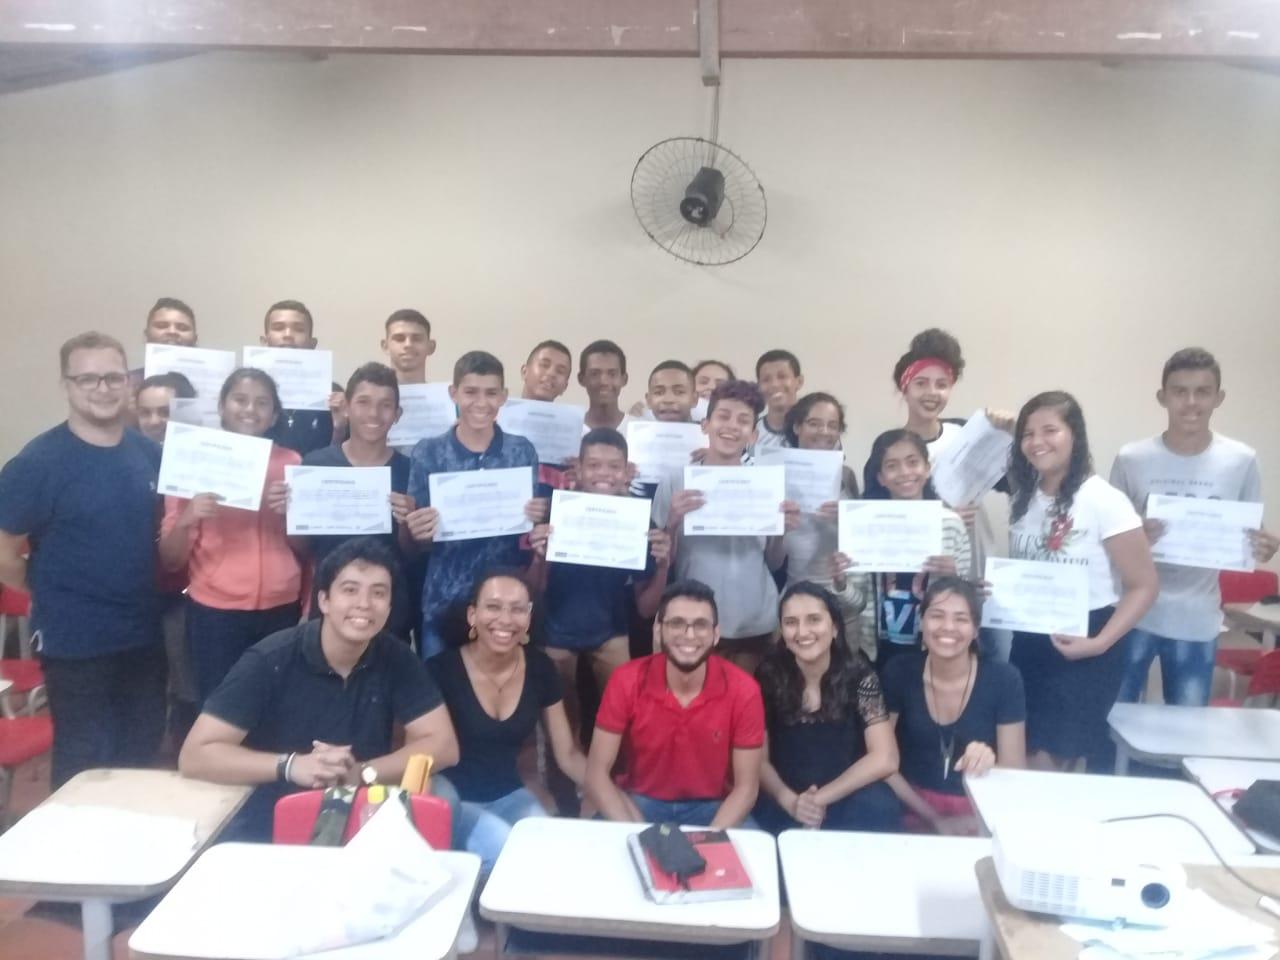 Prefeitura de São Gonçalo inicia projeto sobre educação ambiental em parceria com a UFRN